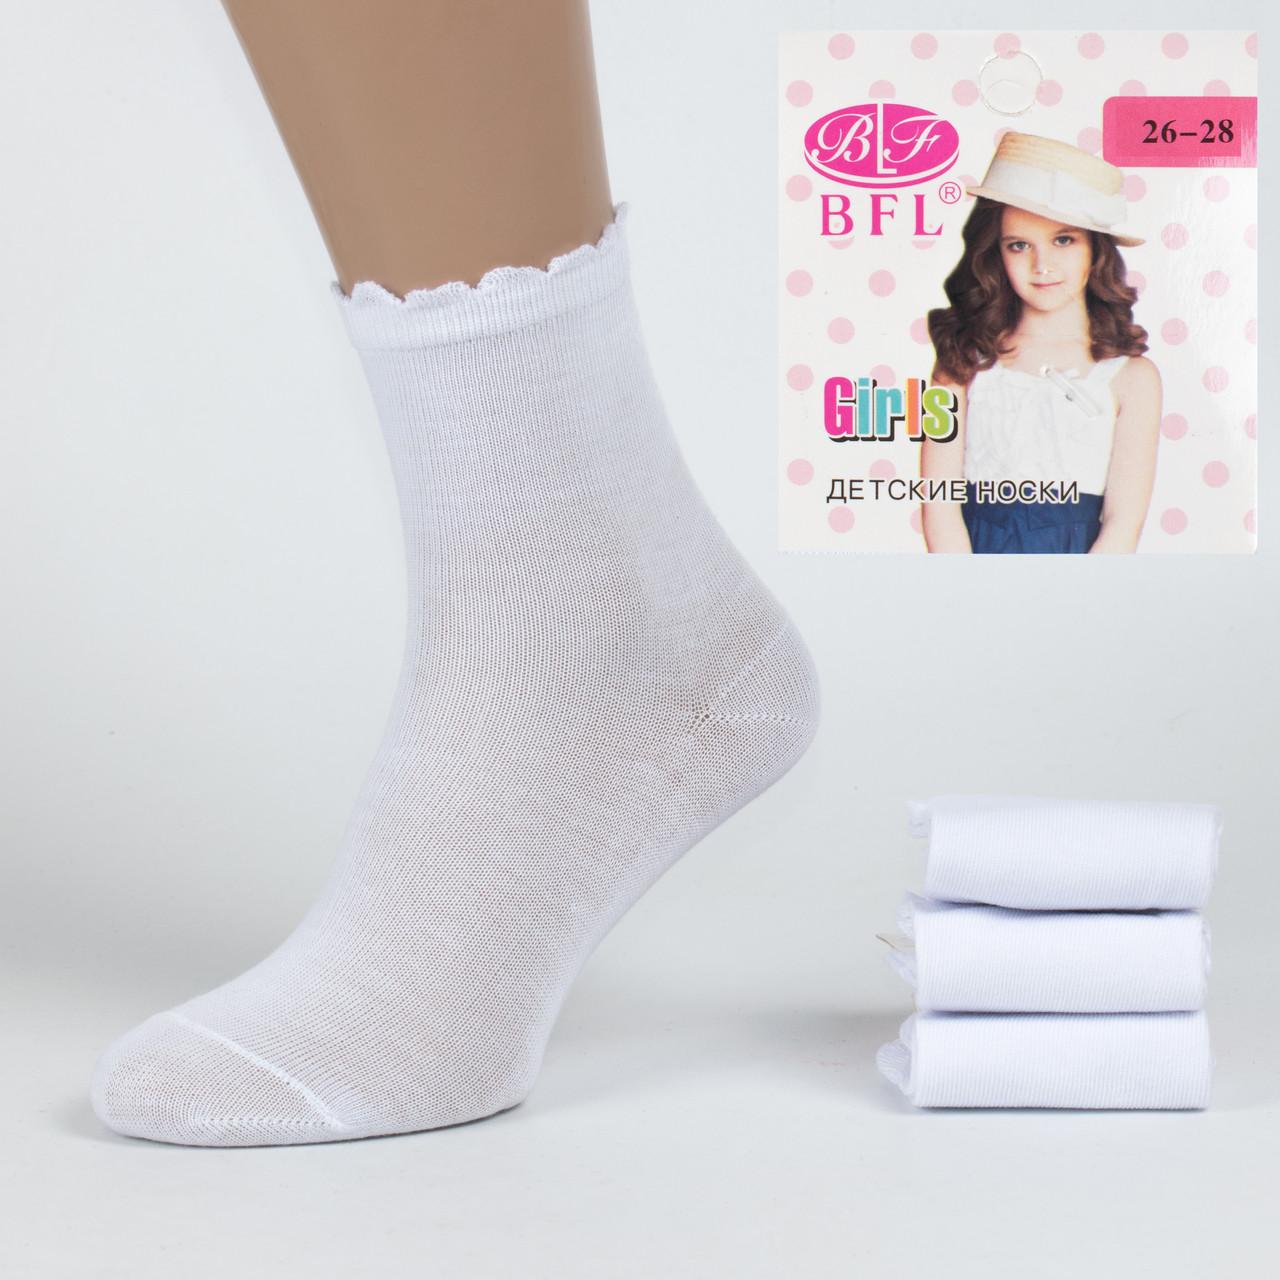 Носки на девочку оптом BFL C204 M. Размер 26-28.  В упаковке 12 пар.